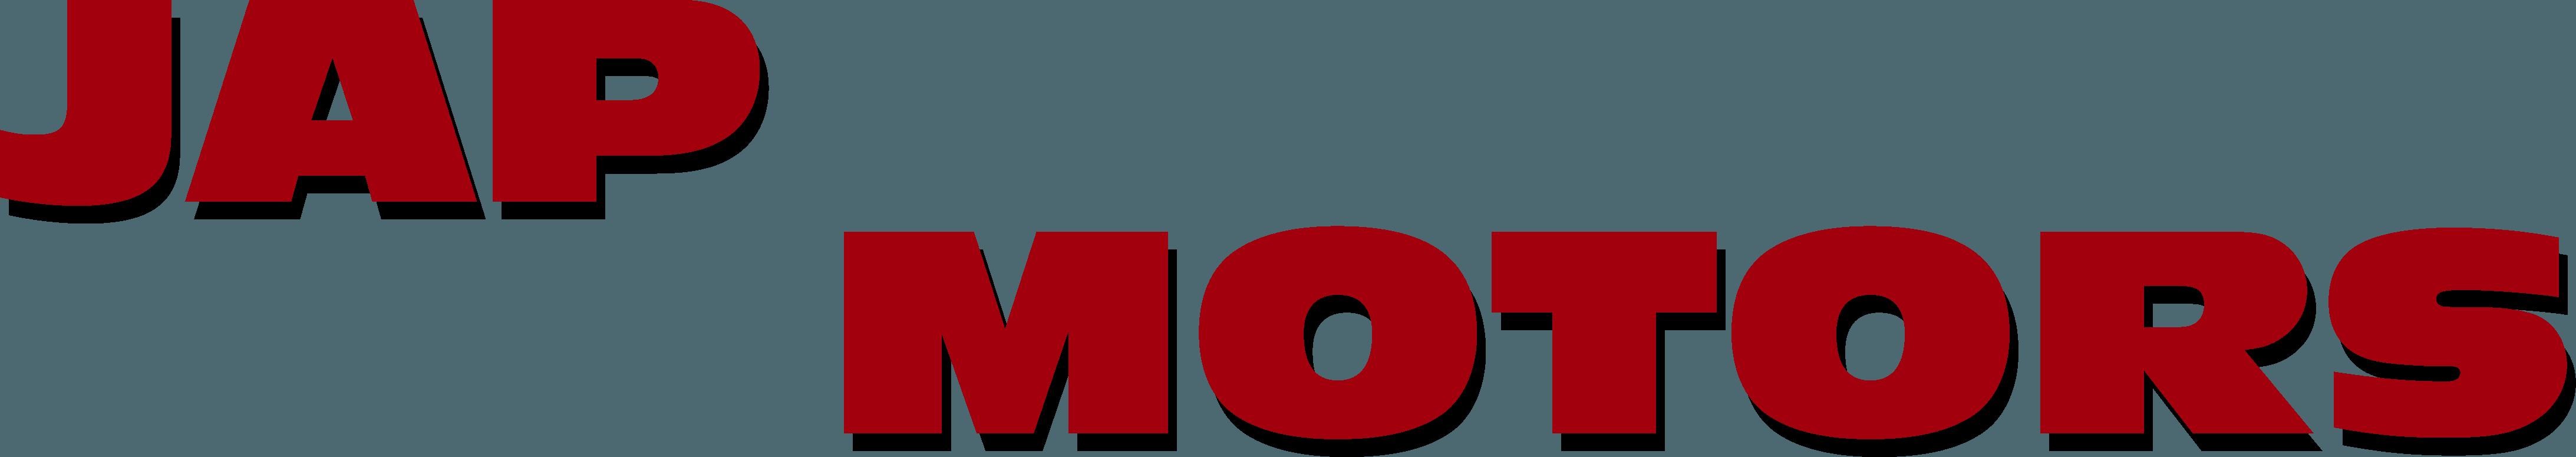 jap motors logo